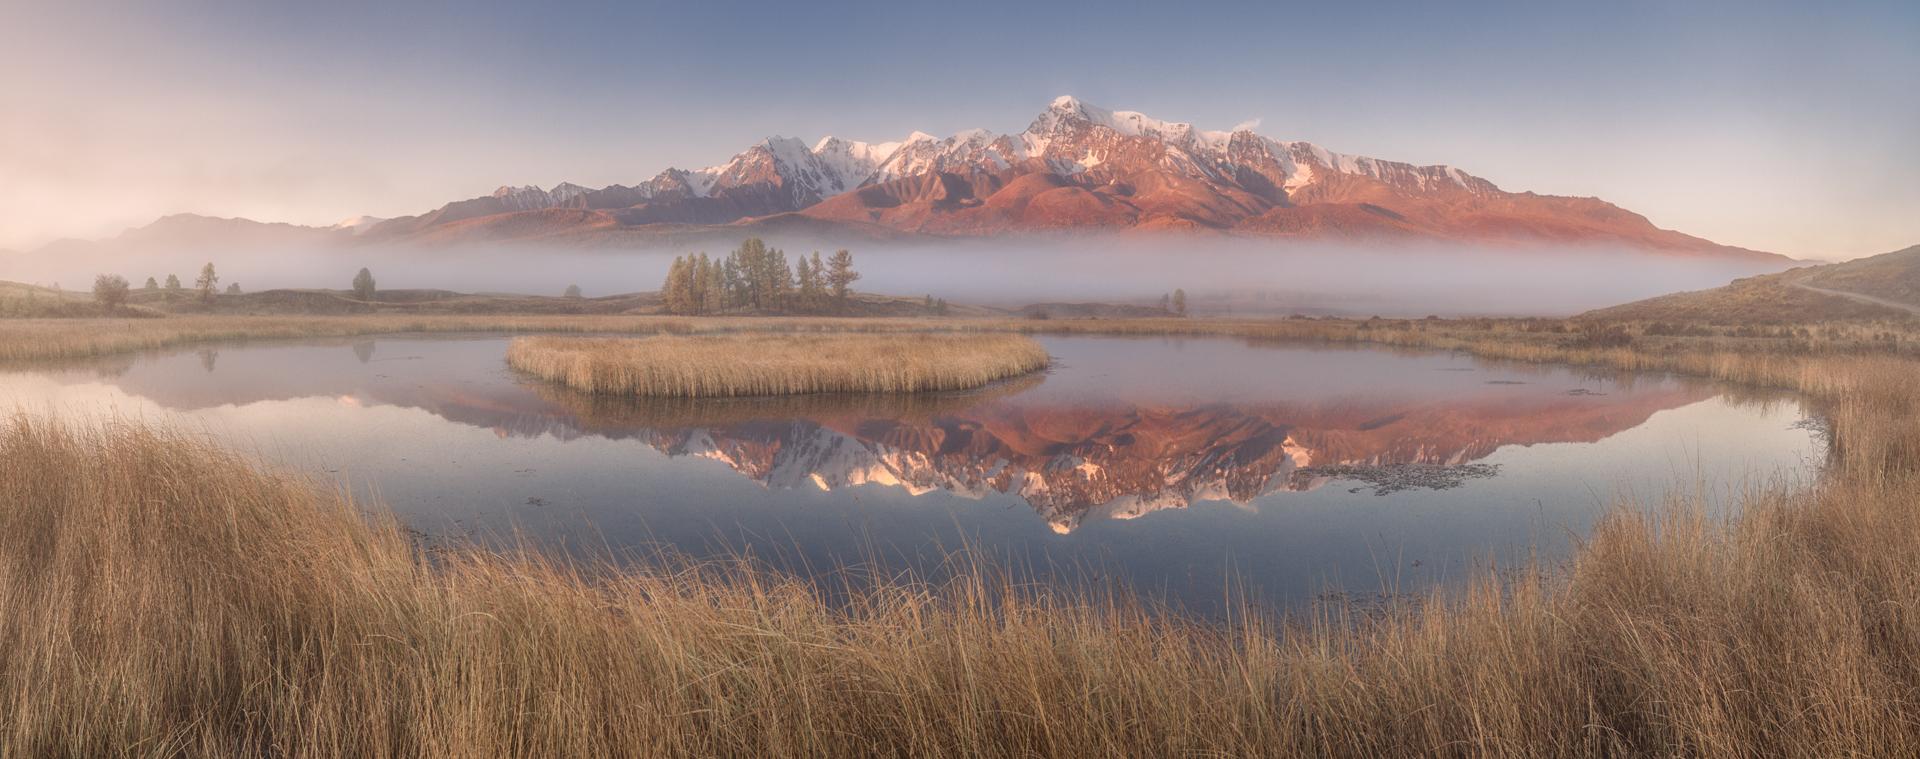 пейзаж_одним туманным утром